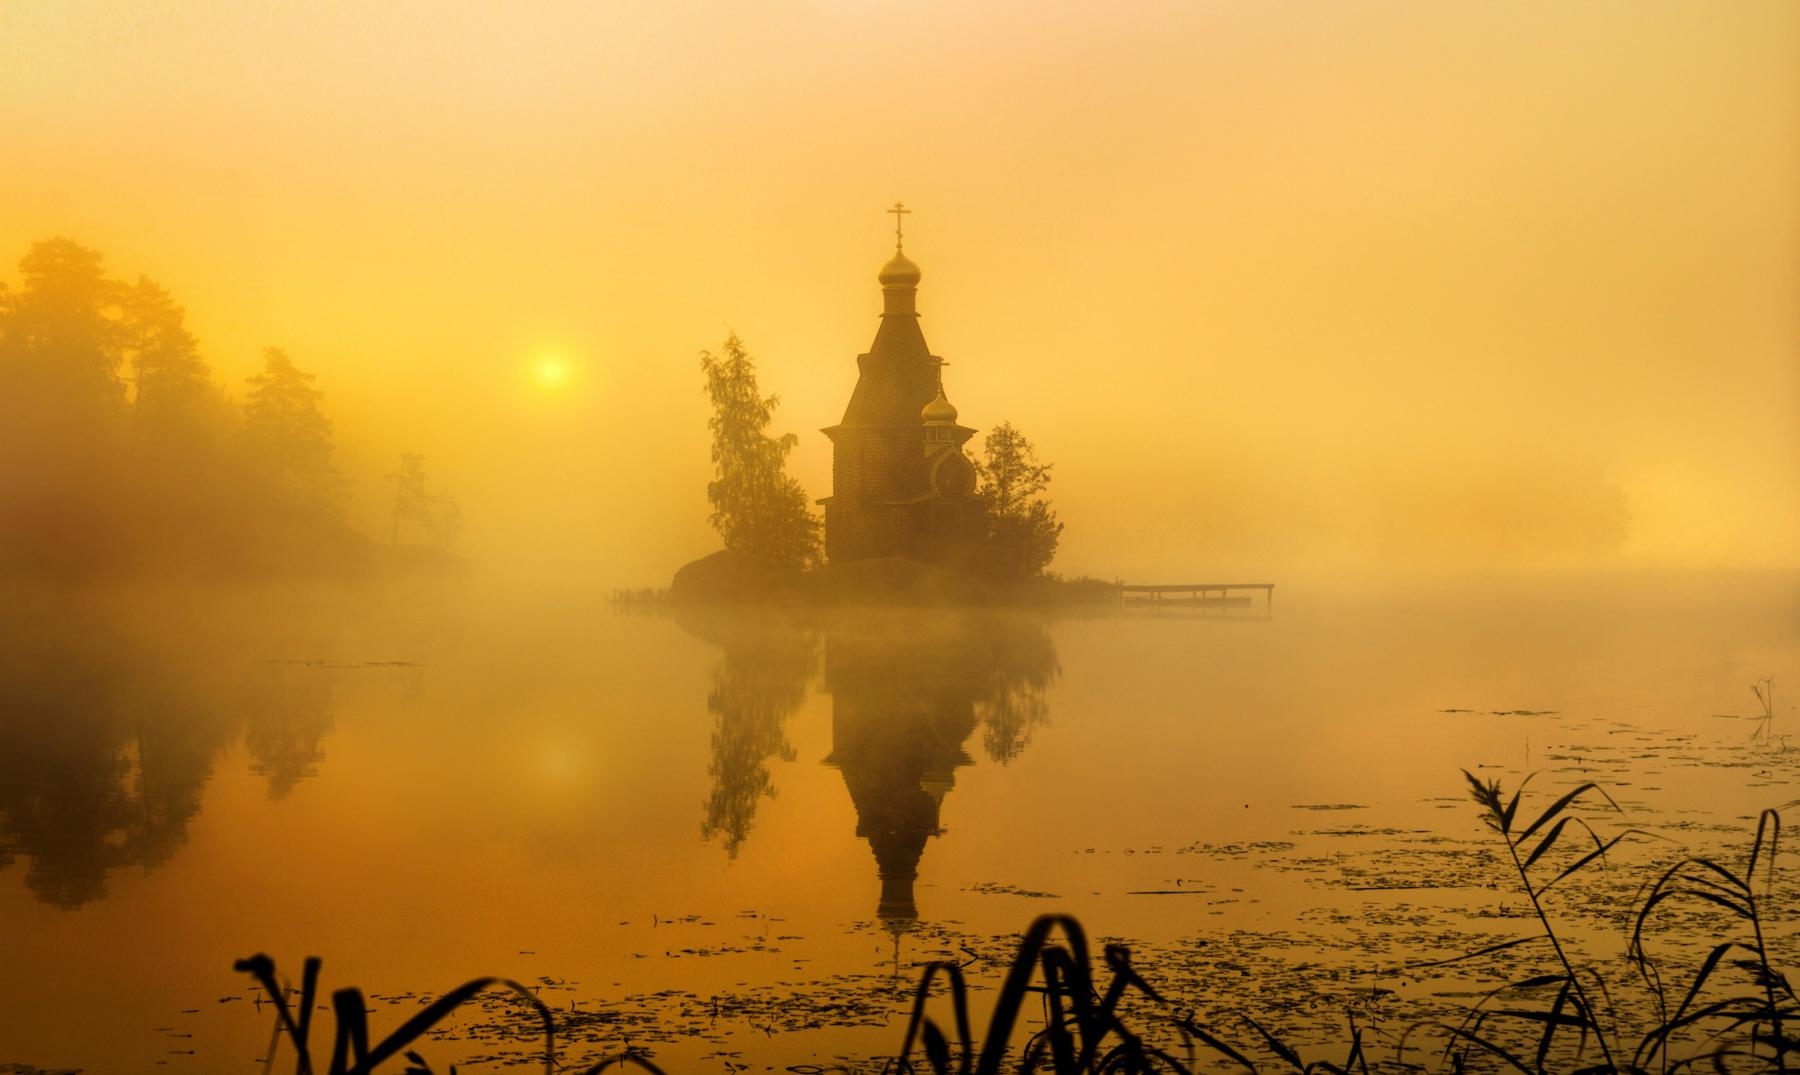 La iglesia de la niebla: San Andrés de Vuoksa